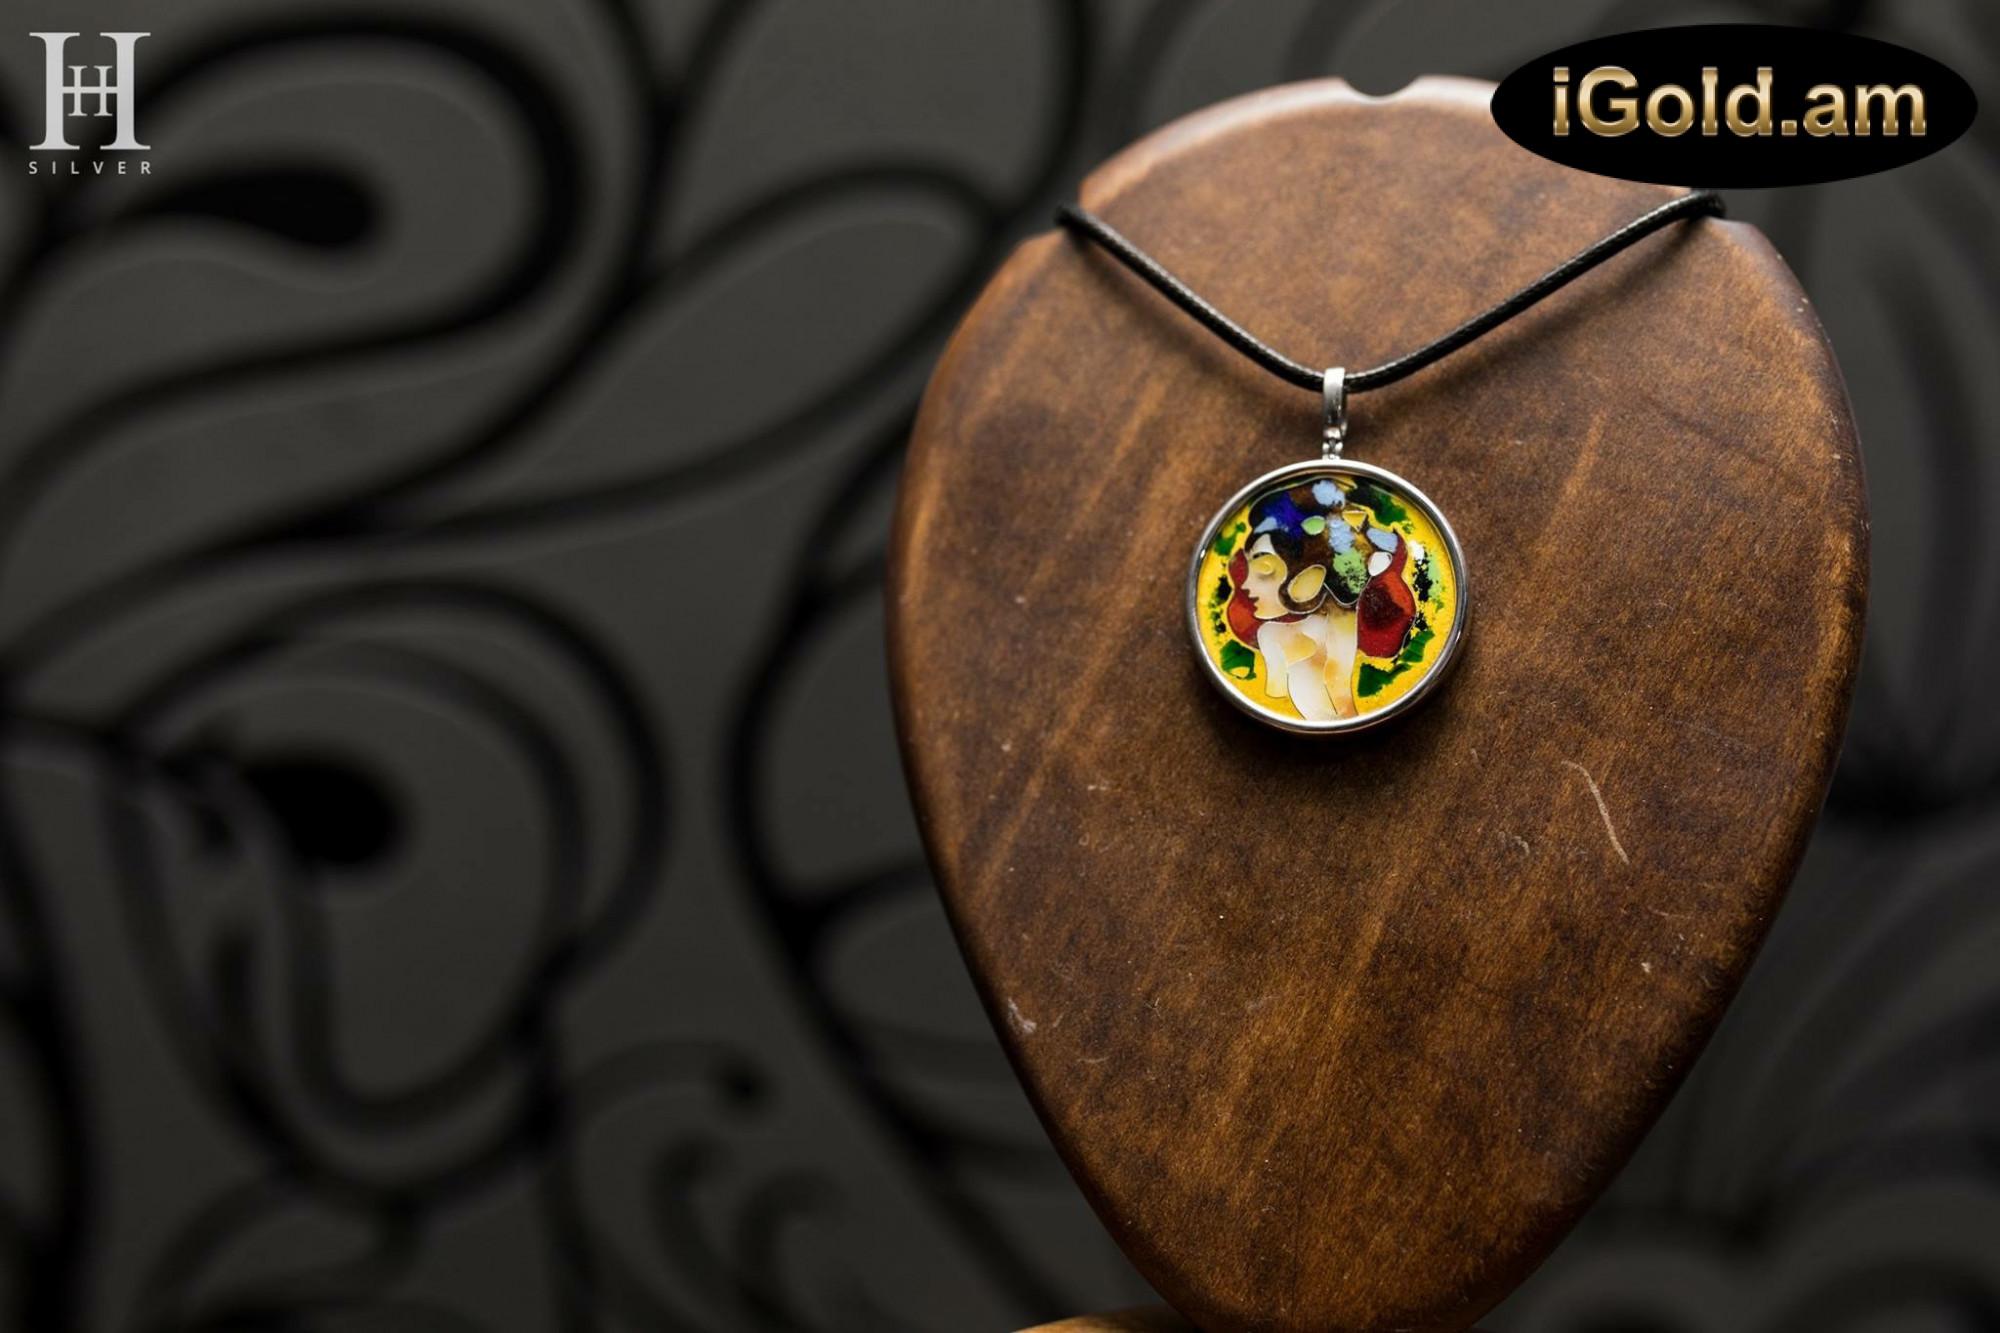 Արծաթից կանացի էքսքլյուզիվ զարդեր կոդ 150-881 arcatic kanaci eqsqlyuziv zarder kod 150-881